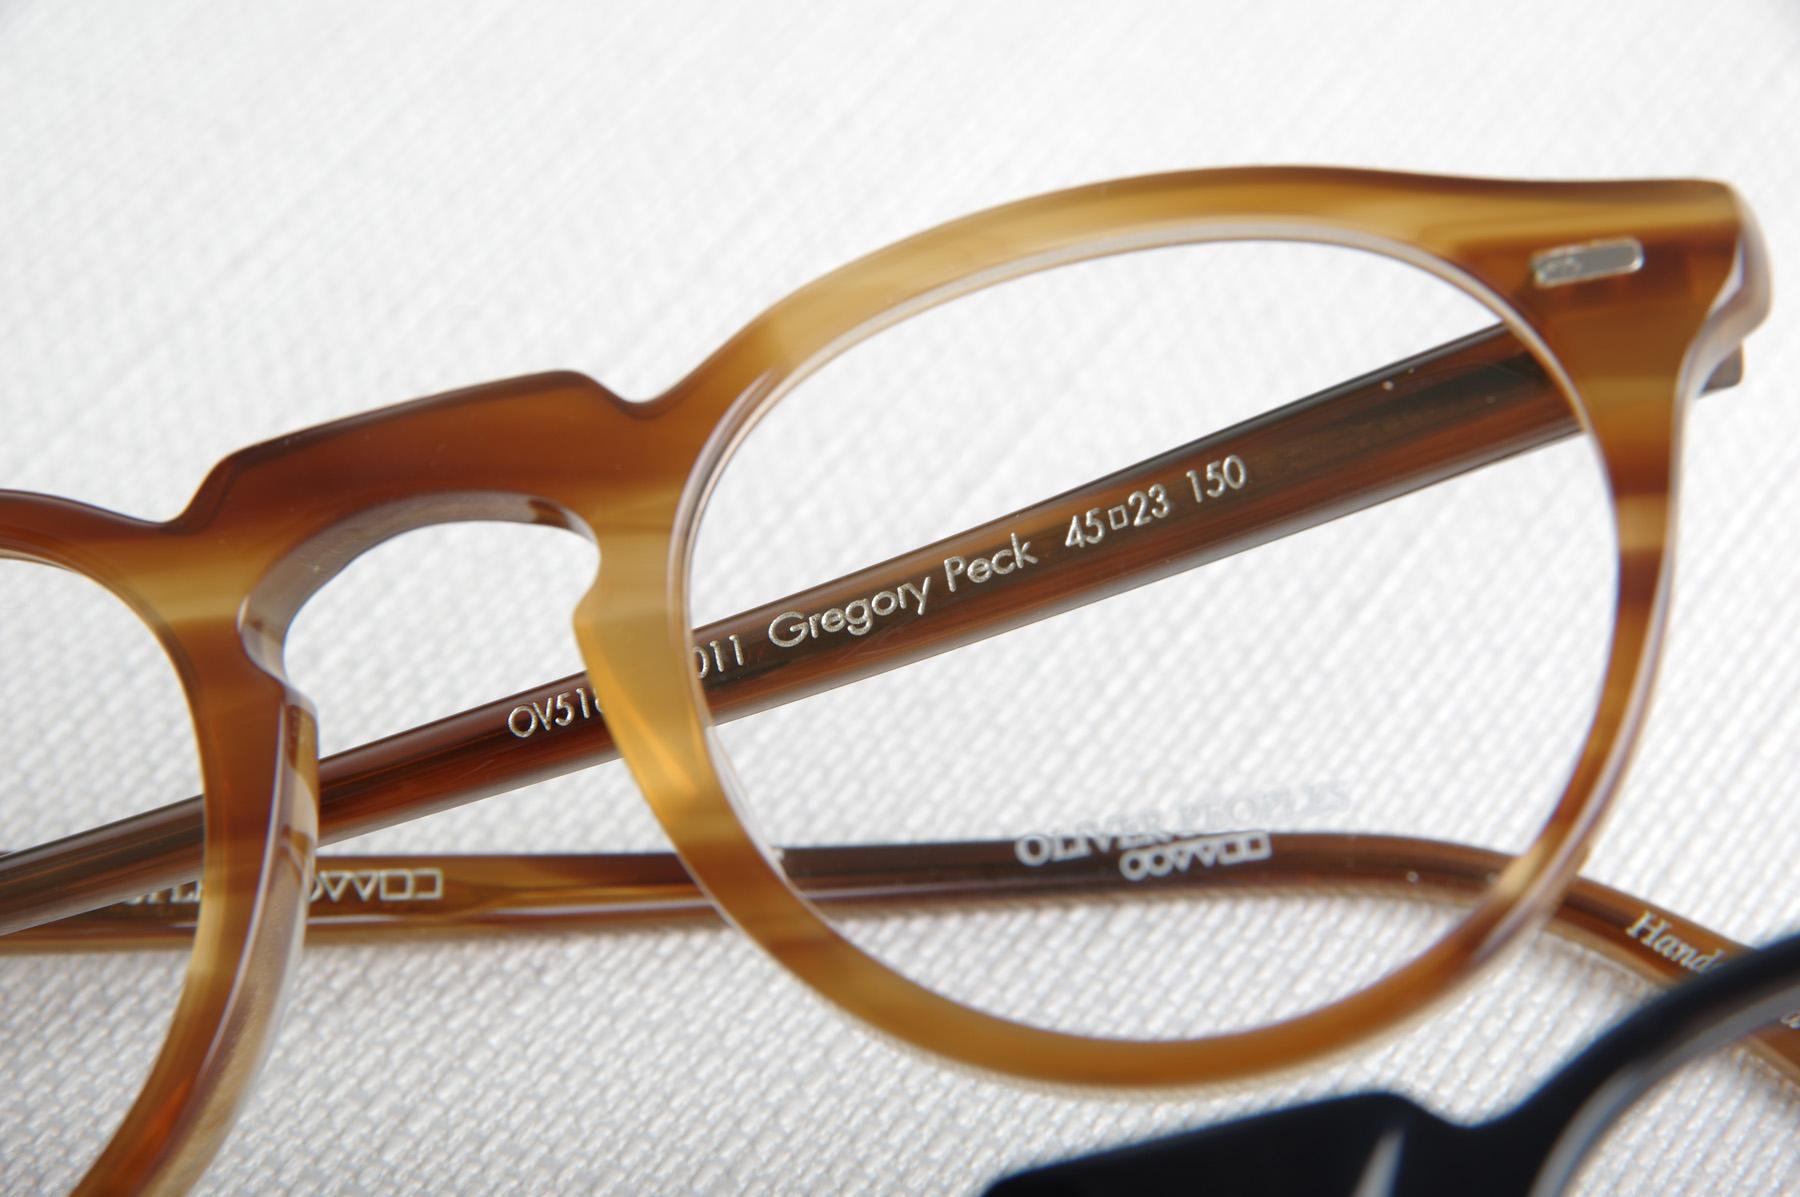 ... Où trouver des lunettes de vue gregory peck oliver peoples, le havre,  ... f2619619875a